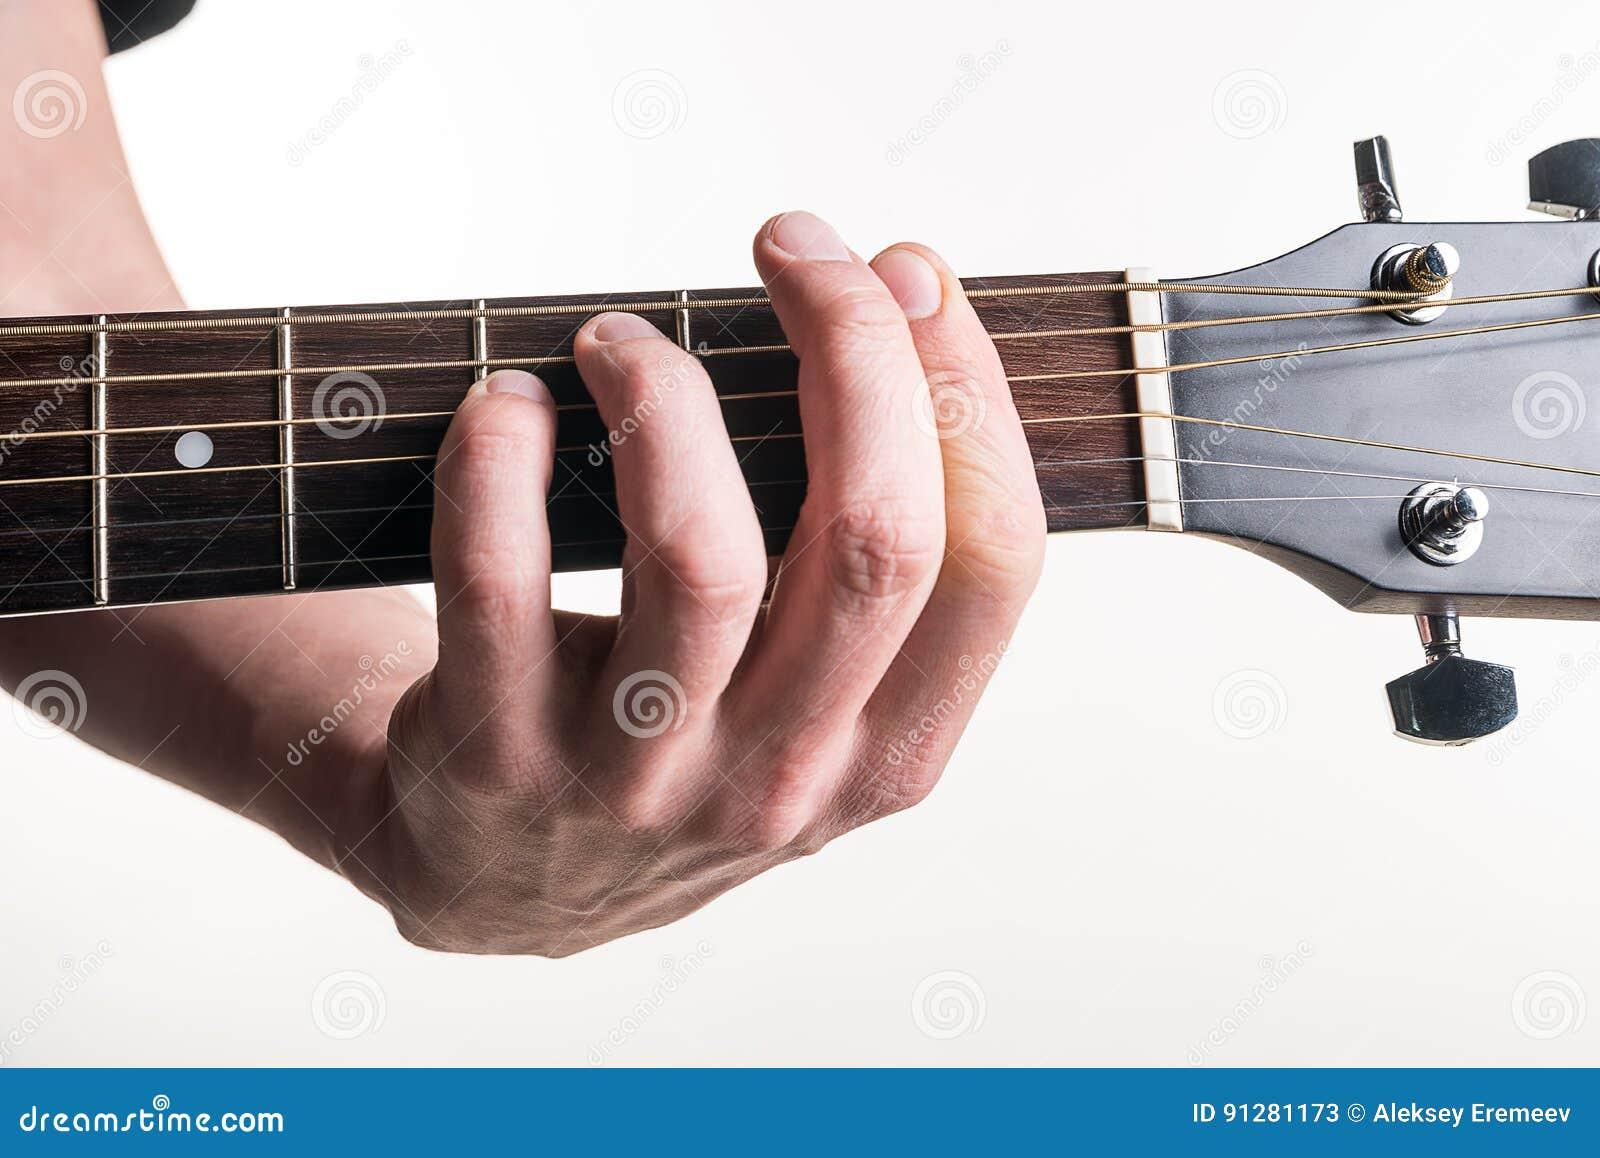 Handen för gitarrist` s klämmer fast ackordet Fm på gitarren, på en vit bakgrund Horisontal inrama